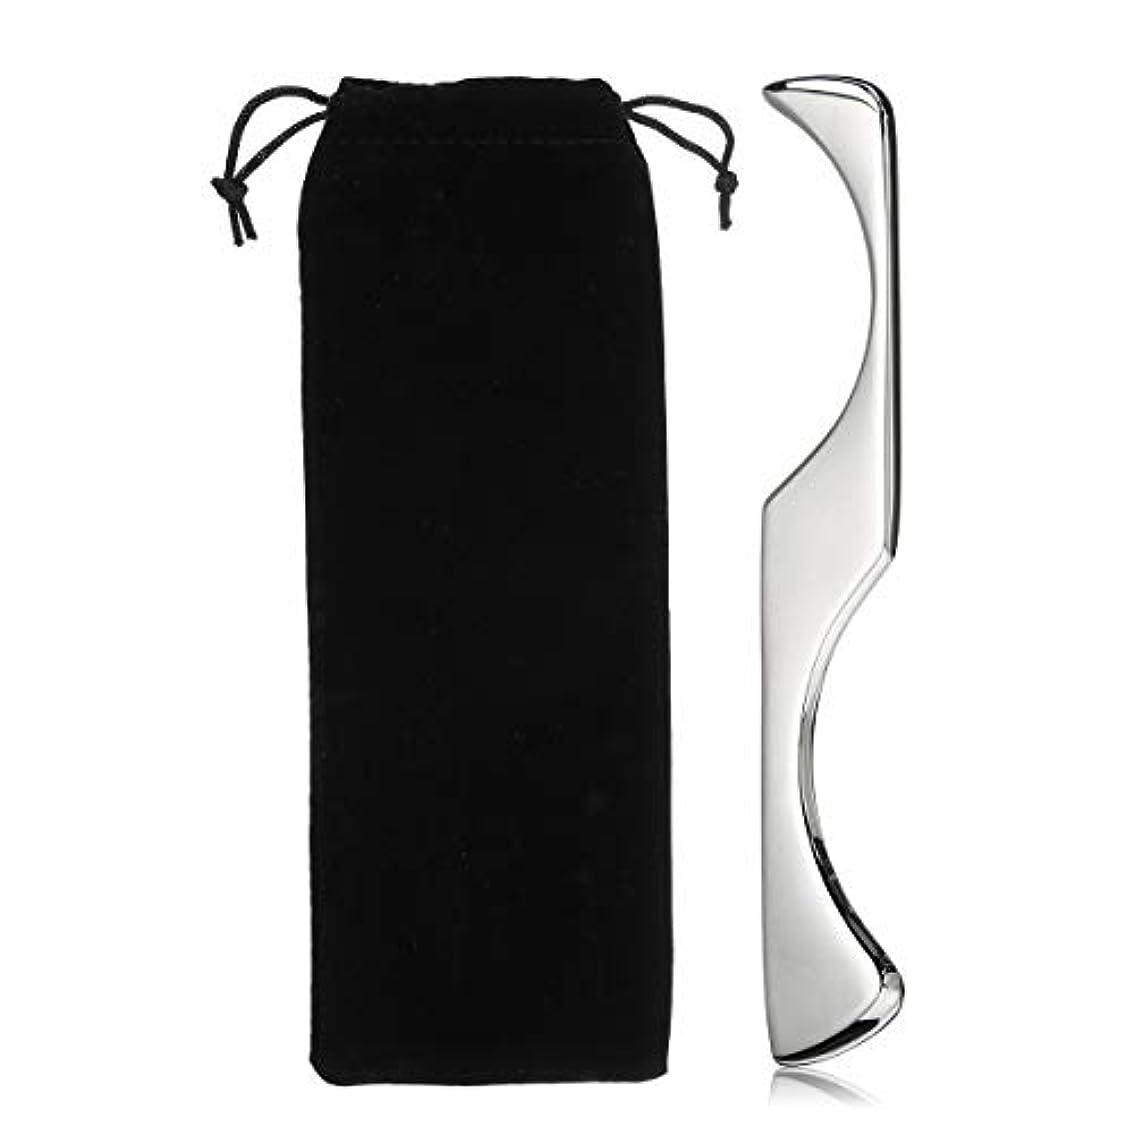 混合精巧な上記の頭と肩AJACK 不規則な形Guasha マニュアルマッサージャー ステンレス鋼 Gua Shaスクレーピングボード ボディツール